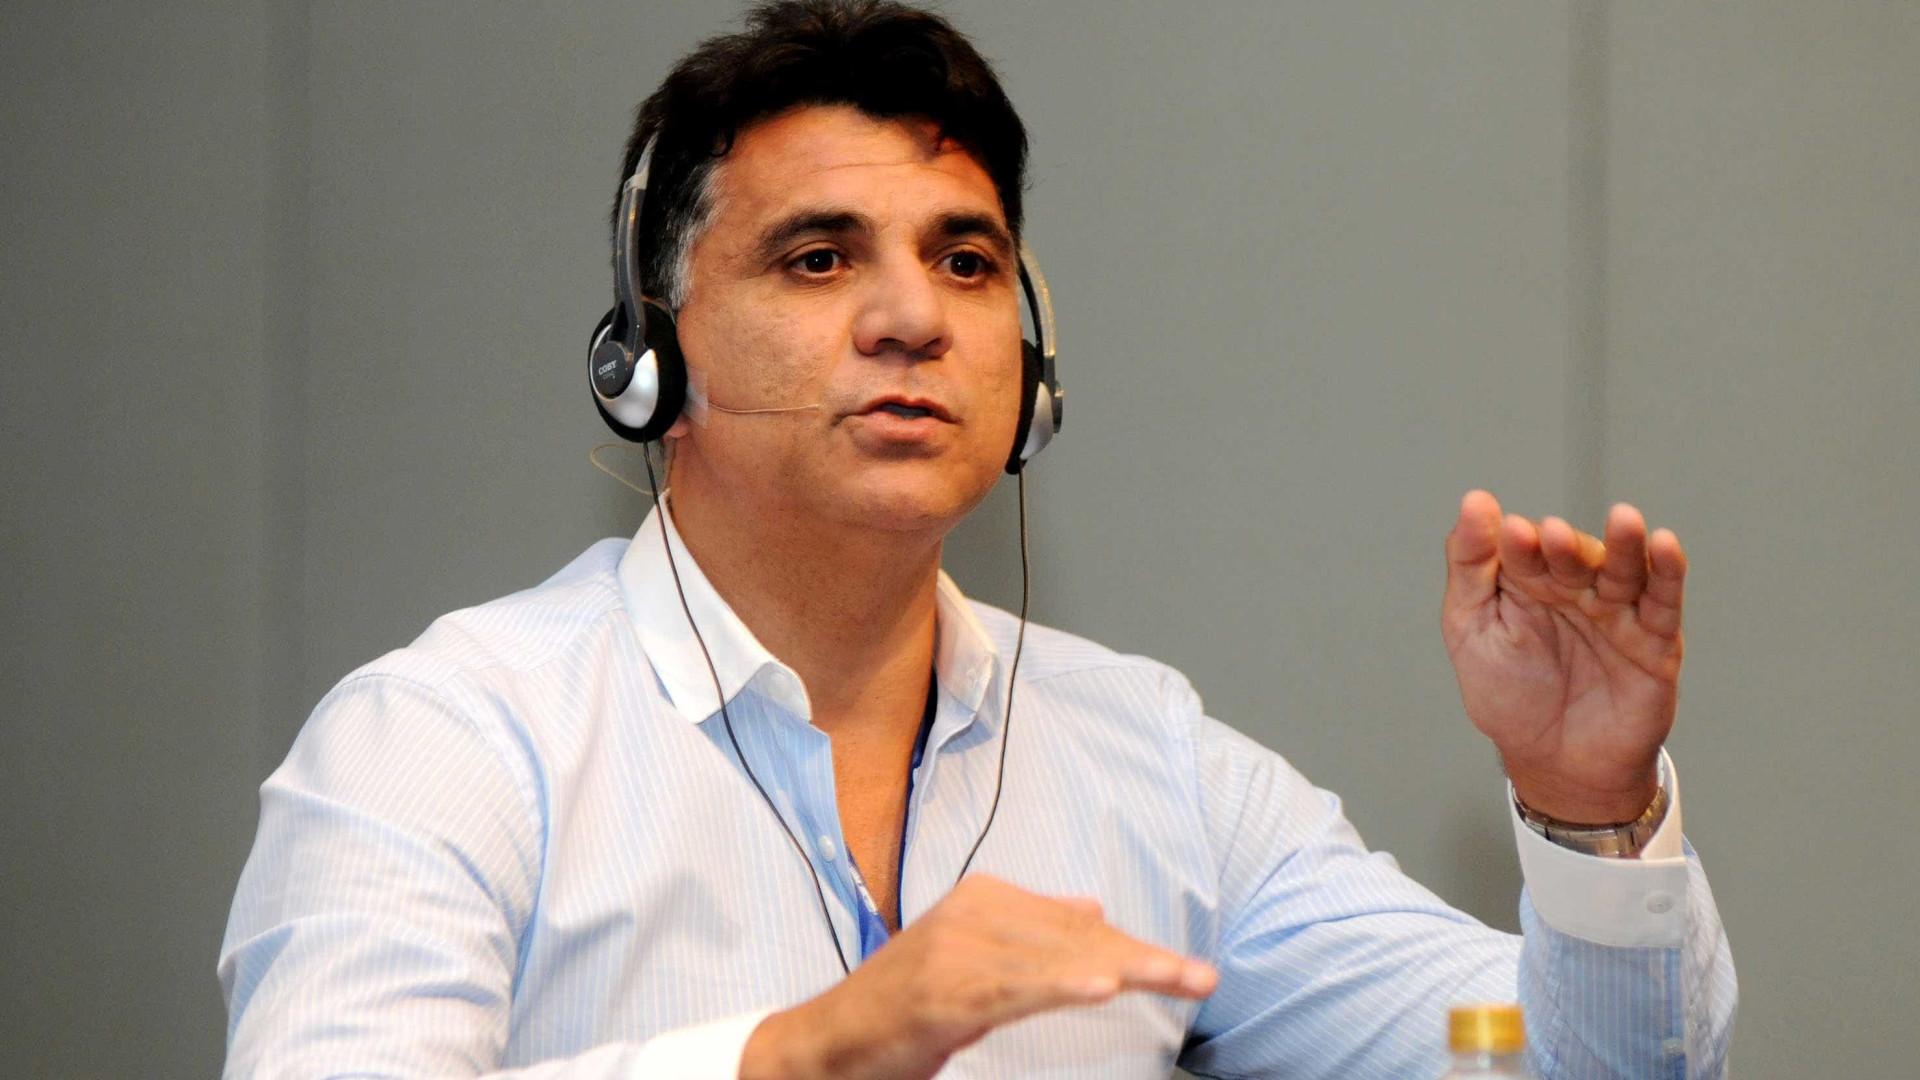 Rocha alega questão pessoal e cita aprendizado em despedida do tricolor